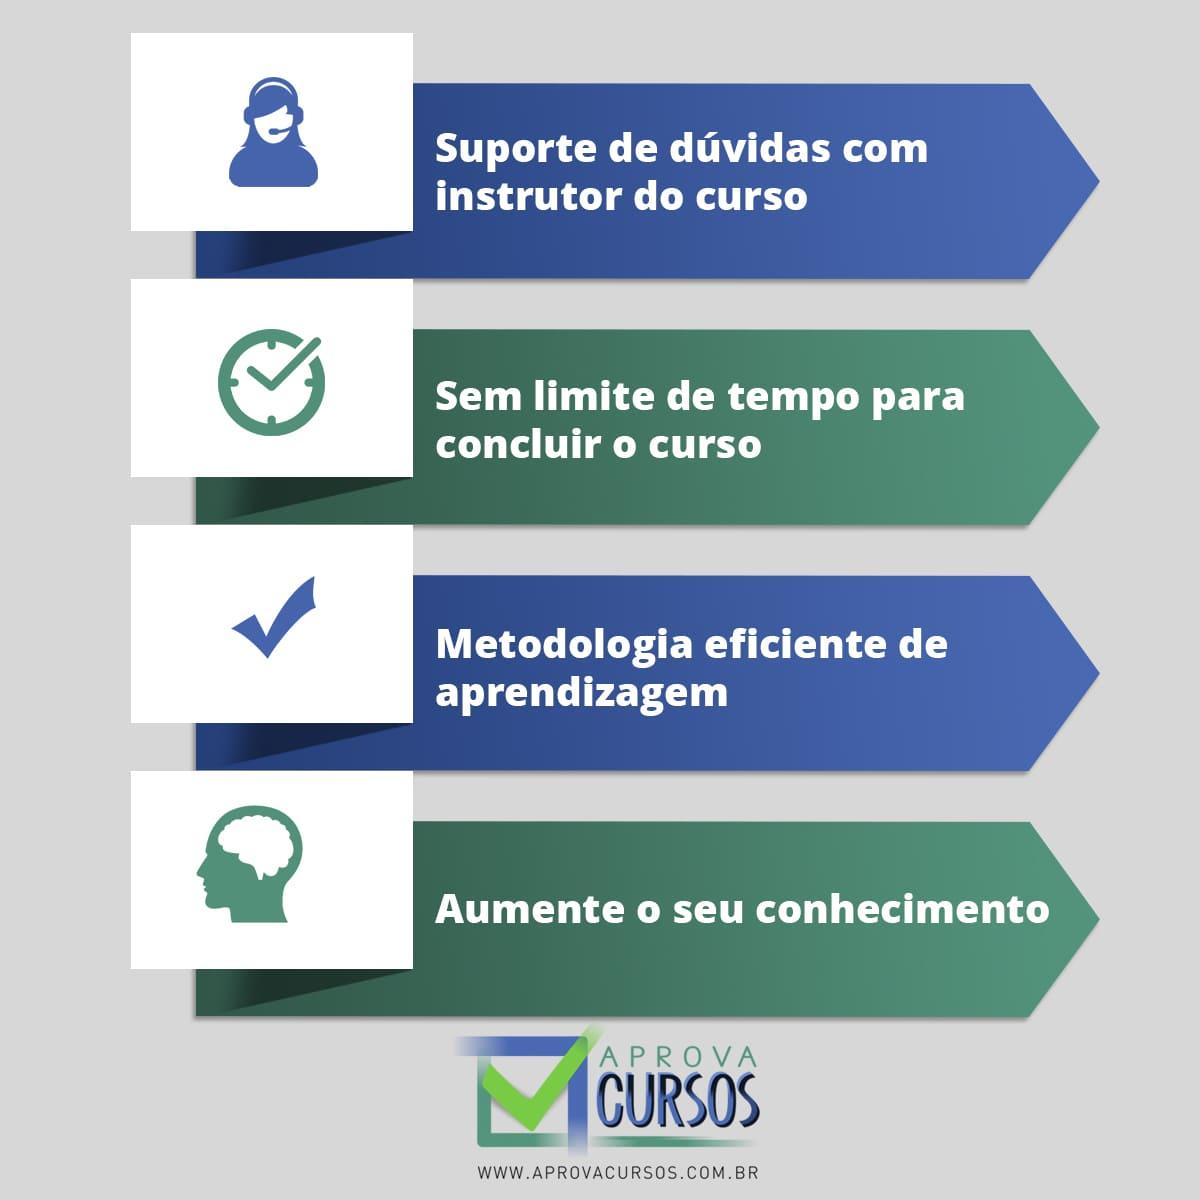 Curso Online de Patologia Clínica Geral e Técnicas de Cito Análise com Certificado  - Aprova Cursos